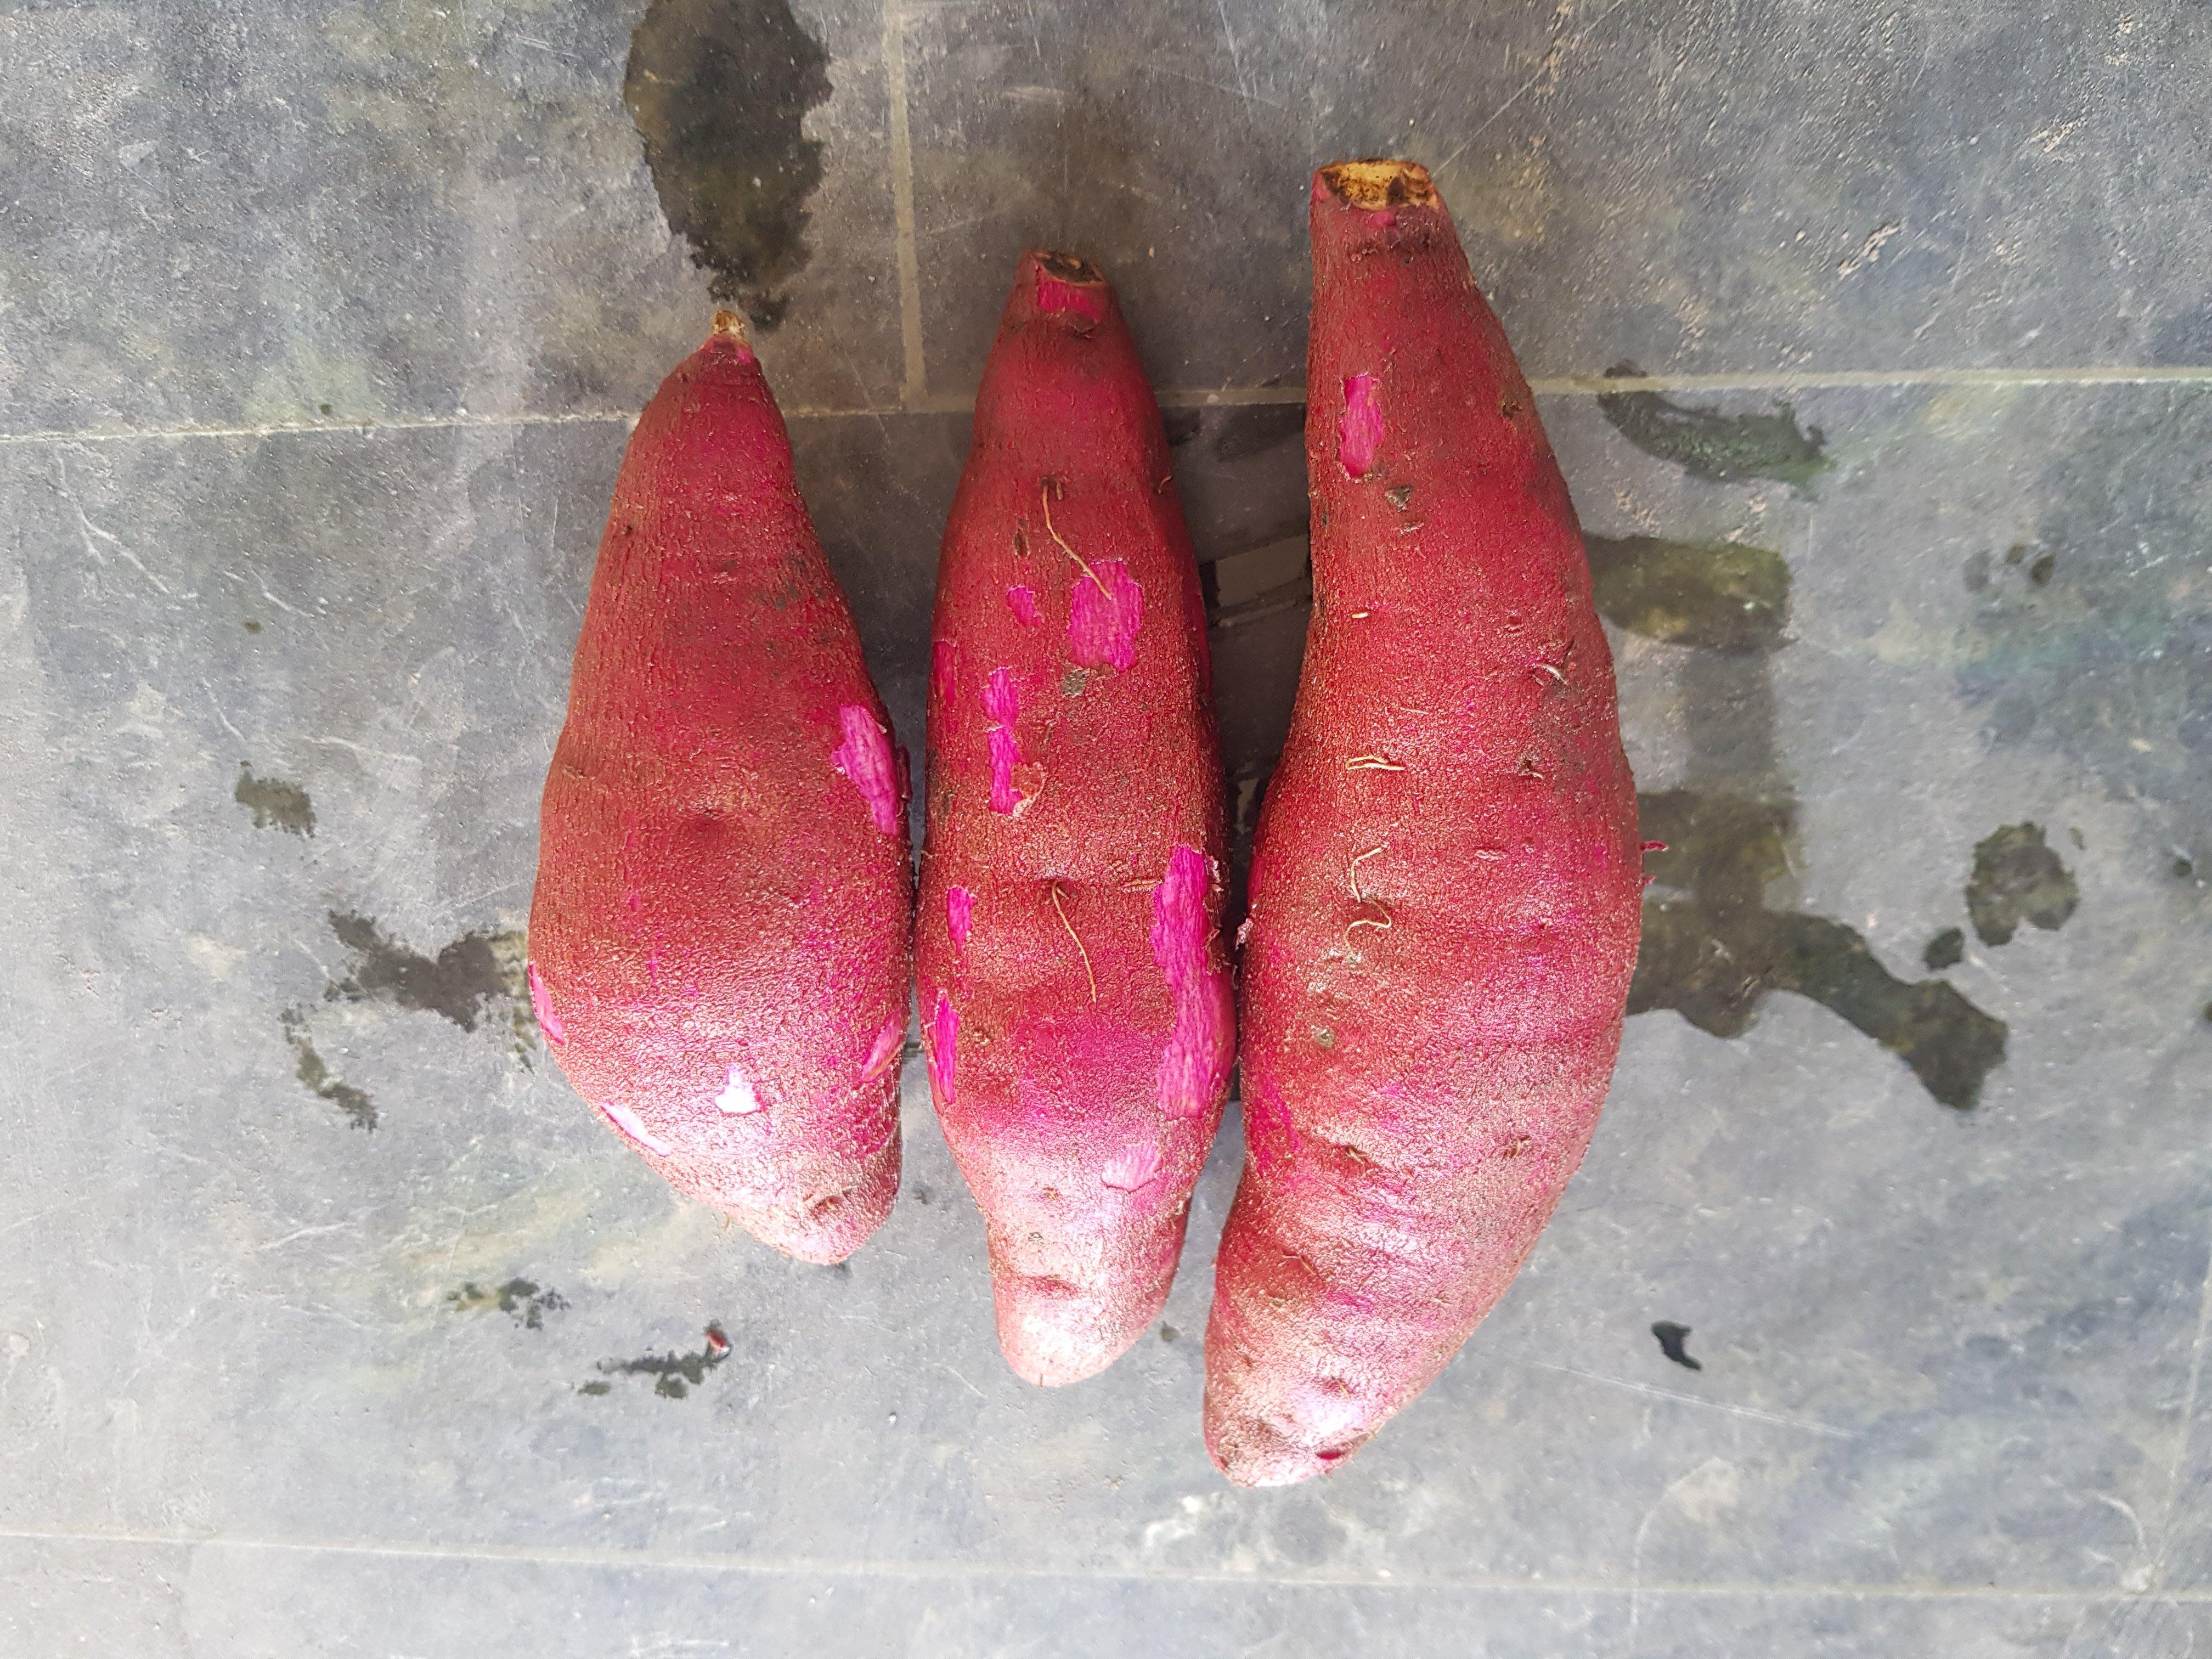 慧軒農場 栗子地瓜小的20斤特價880元免運費